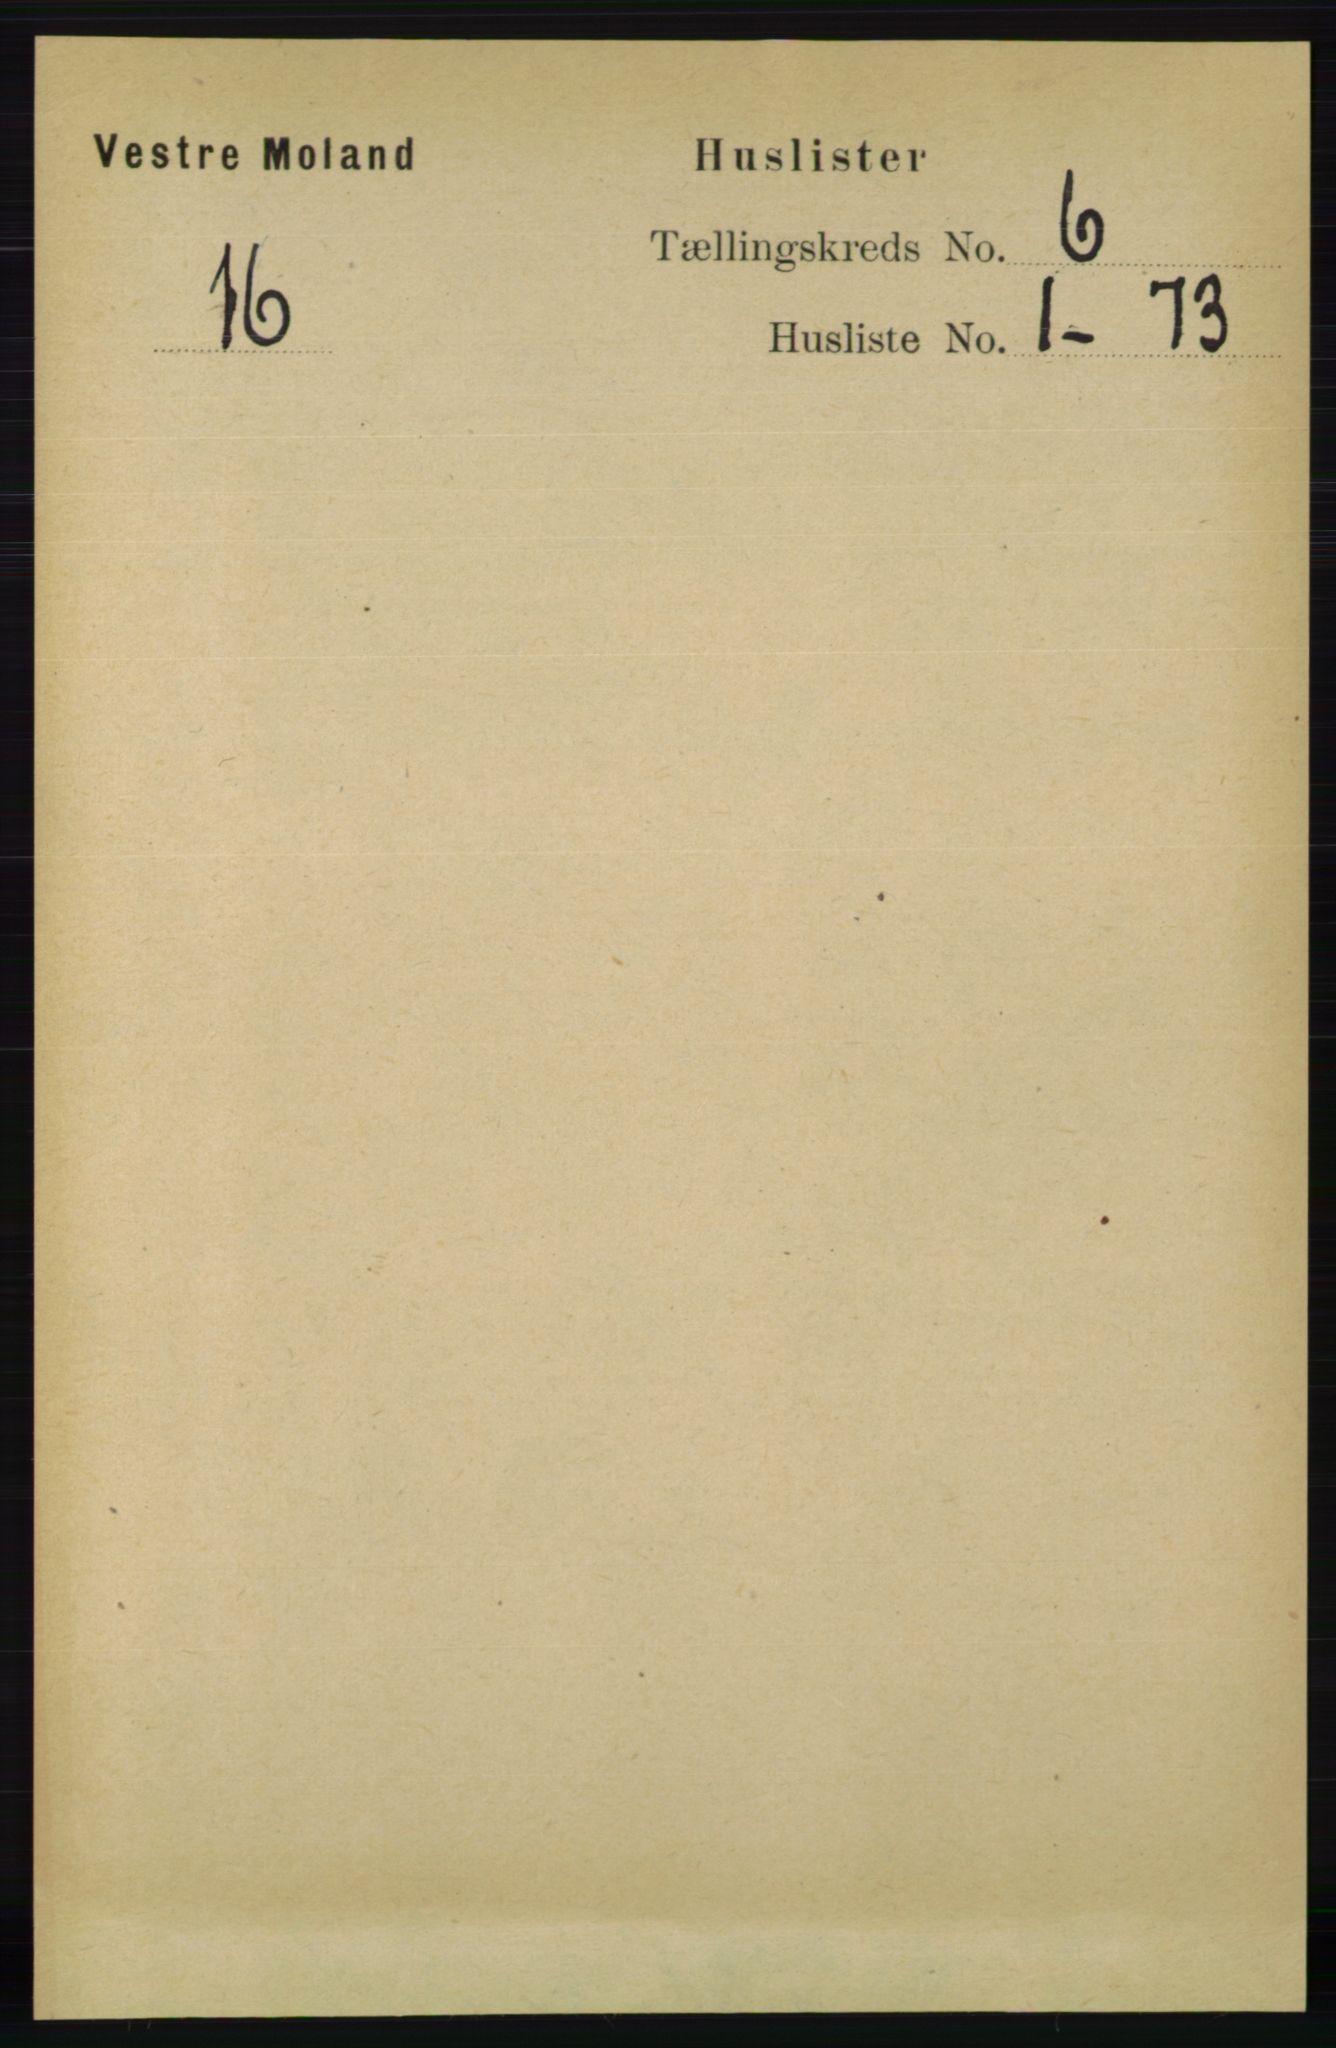 RA, Folketelling 1891 for 0926 Vestre Moland herred, 1891, s. 2269